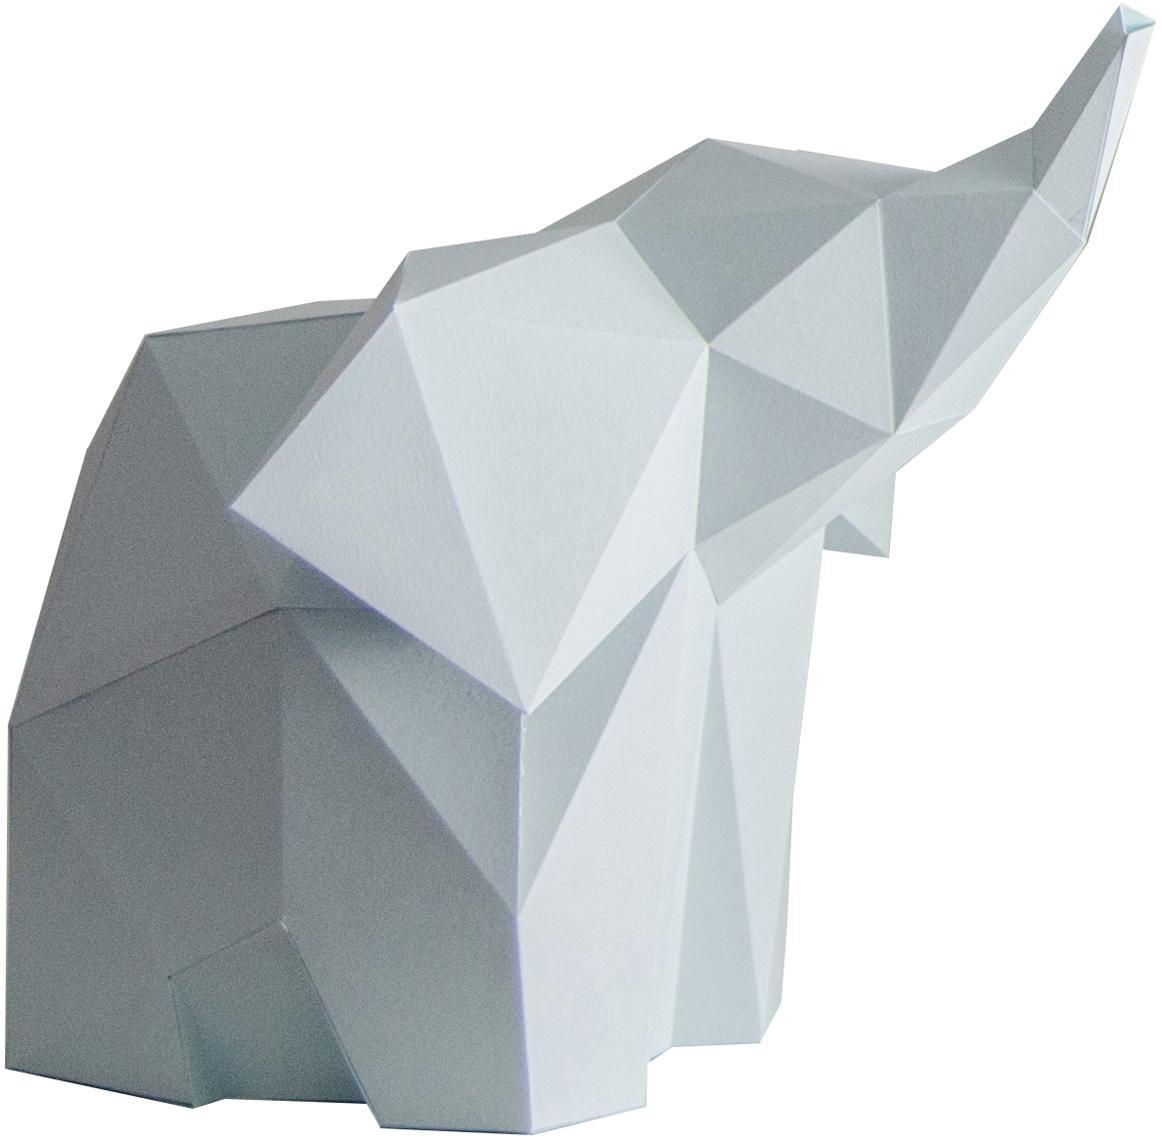 Tischleuchte Baby Elephant, Bausatz aus Papier, Lampenschirm: Papier, 160 g/m², Sockel: Holzfaserplatte und Kunst, Hellblau, 23 x 24 cm